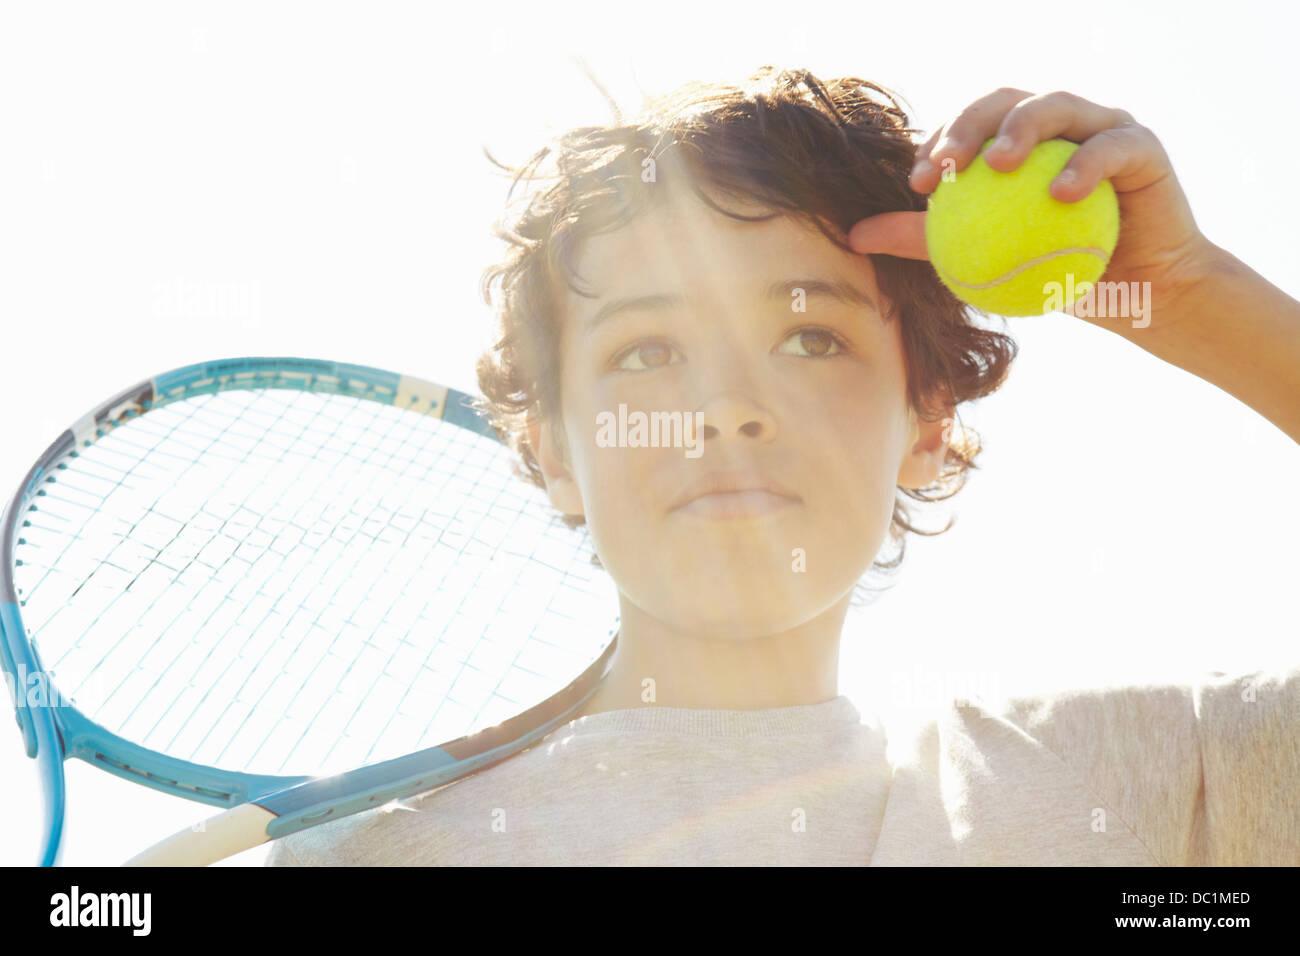 Cerca de chico con raqueta de tenis y la bola Imagen De Stock